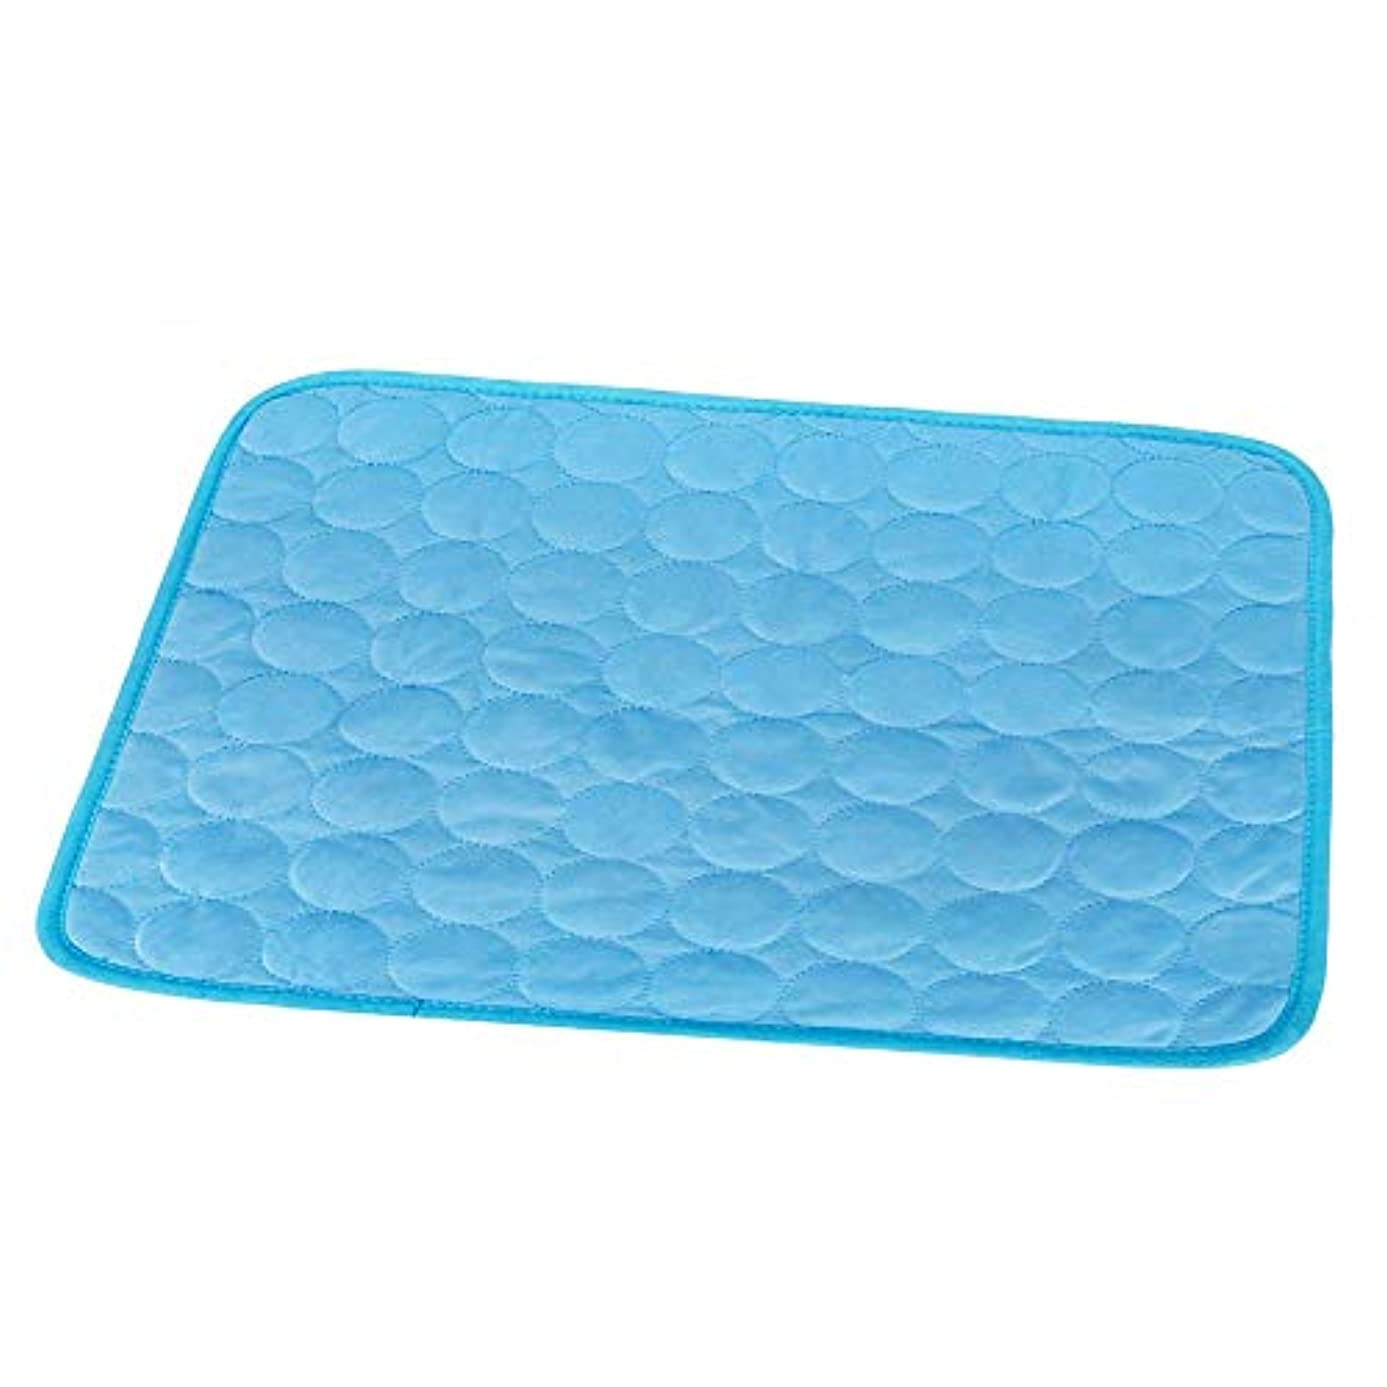 いつエンジニアベールクールマット ひんやりマット ひんやり枕 冷感敷きパッド タオル地 通気性が良い 接触冷感 涼感冷感クッション